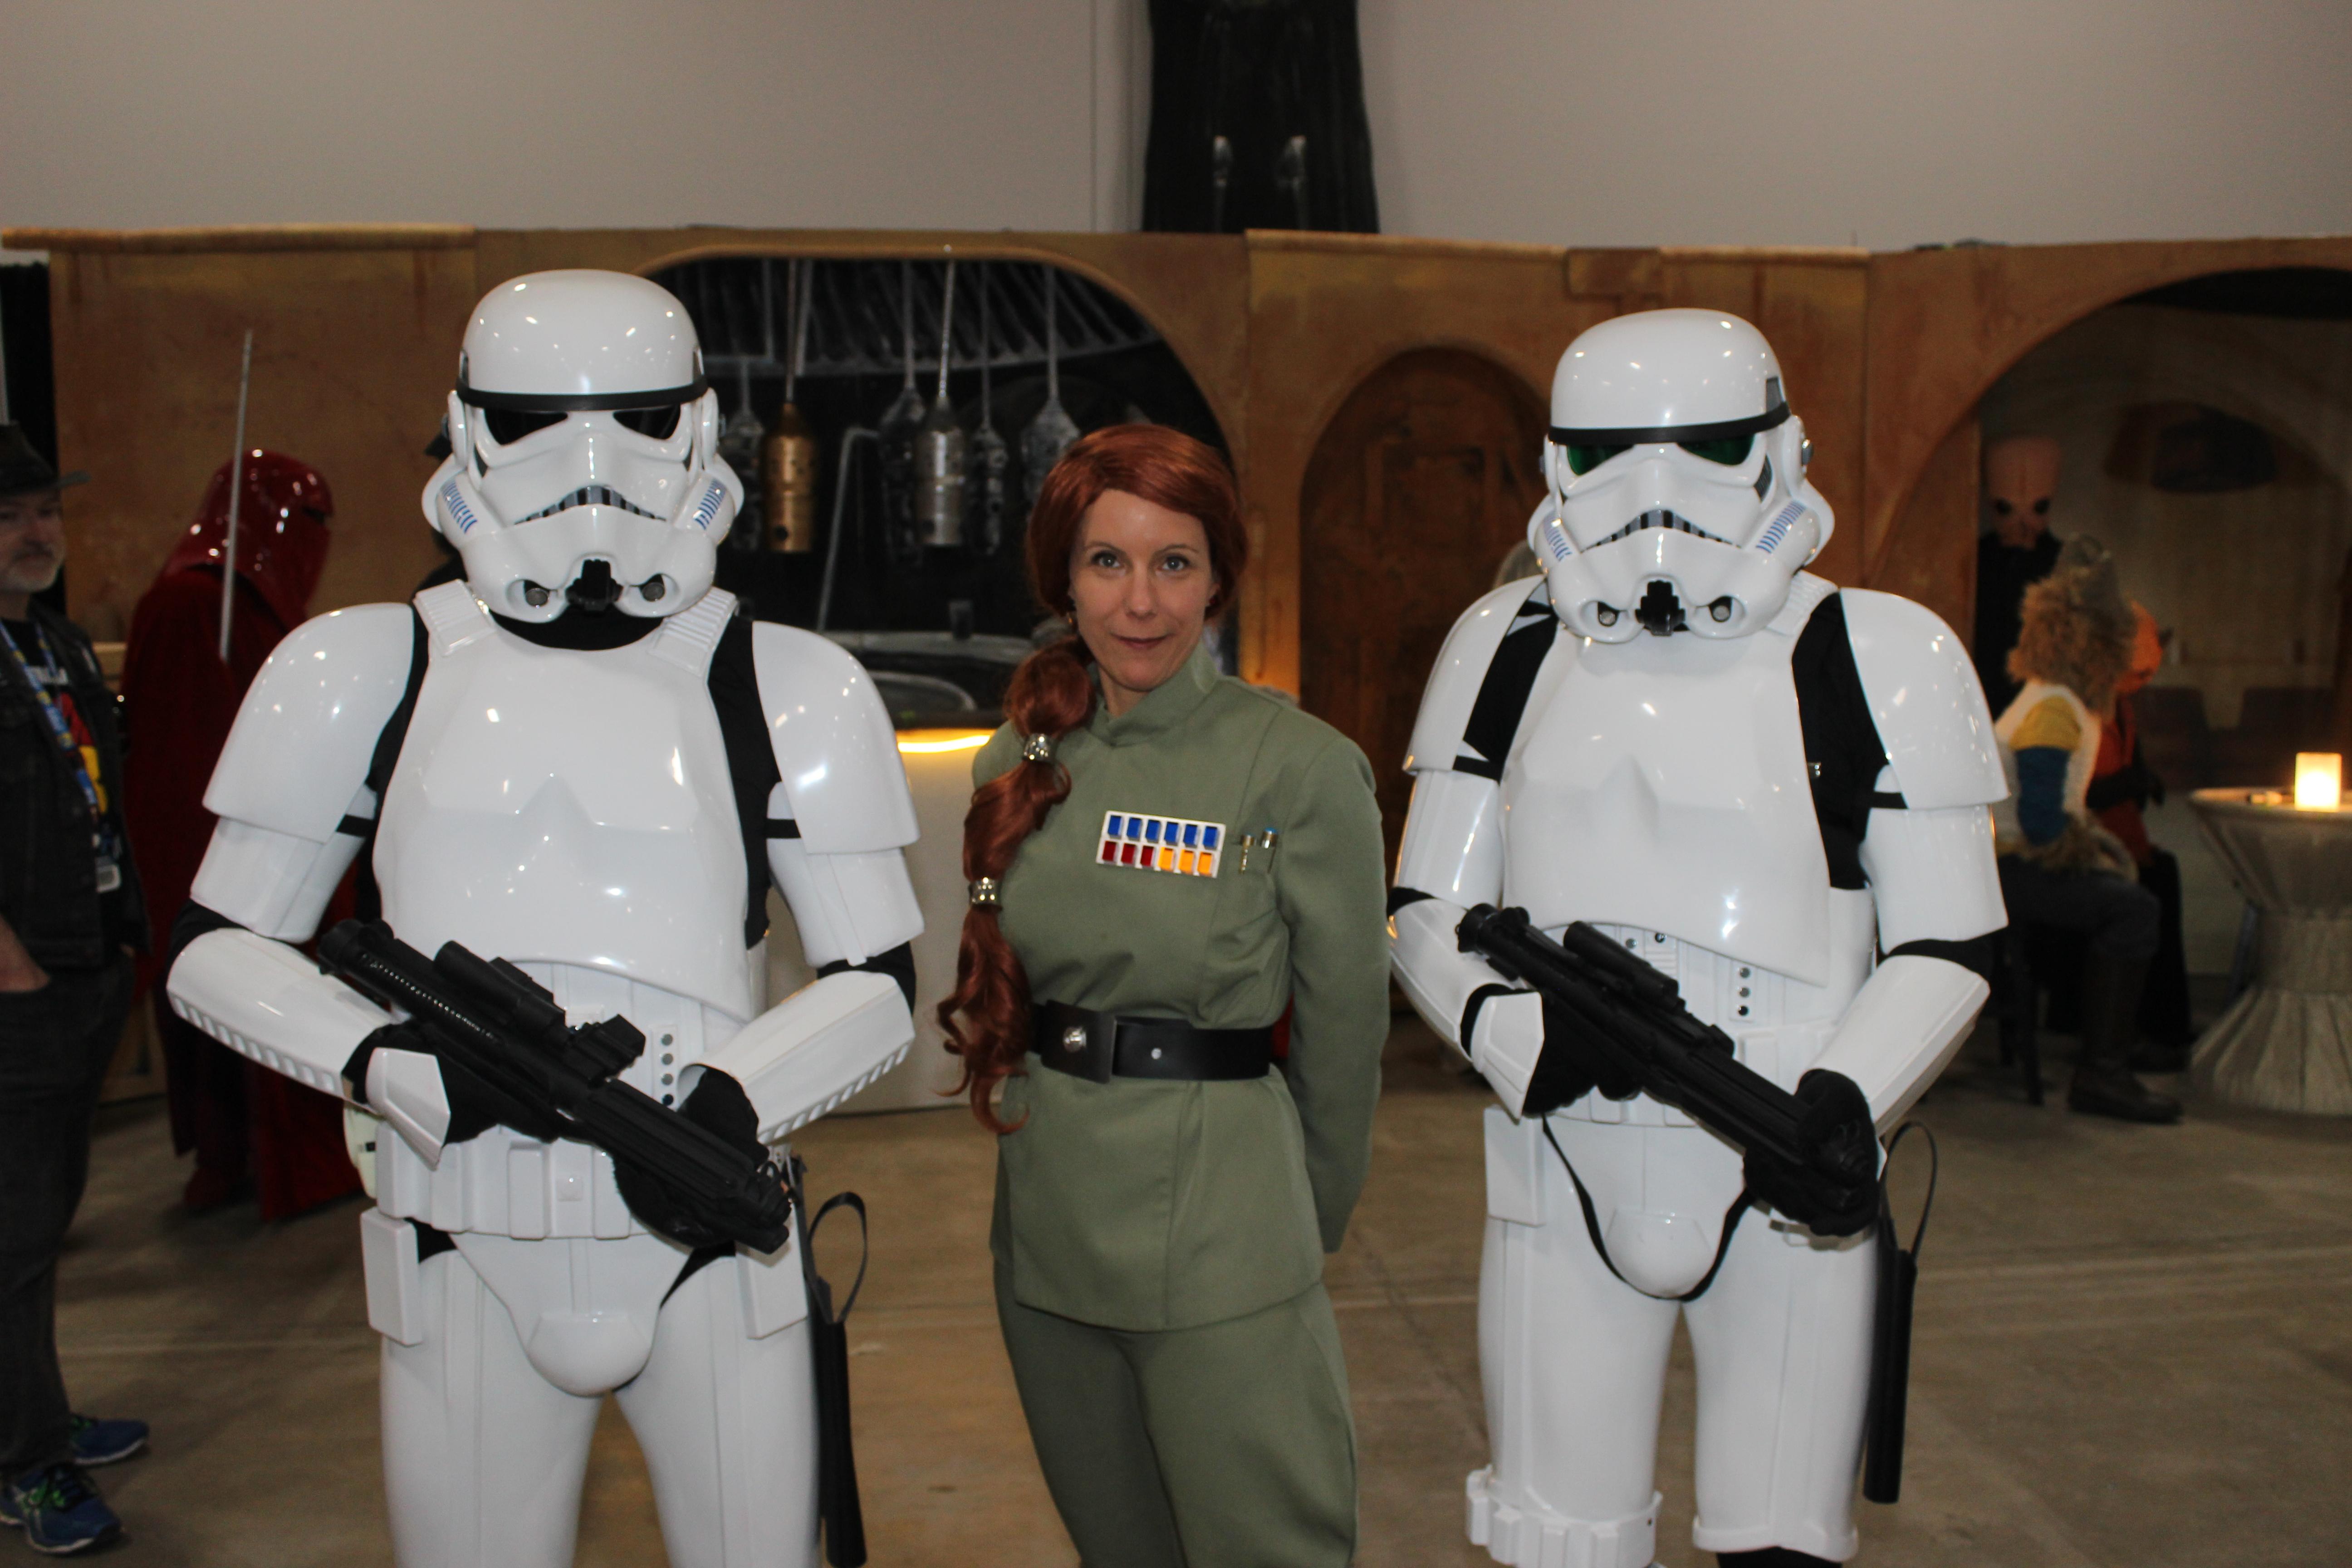 Les amateurs de Star Wars pouvaient se plonger dans leur univers préféré le temps d'une photo